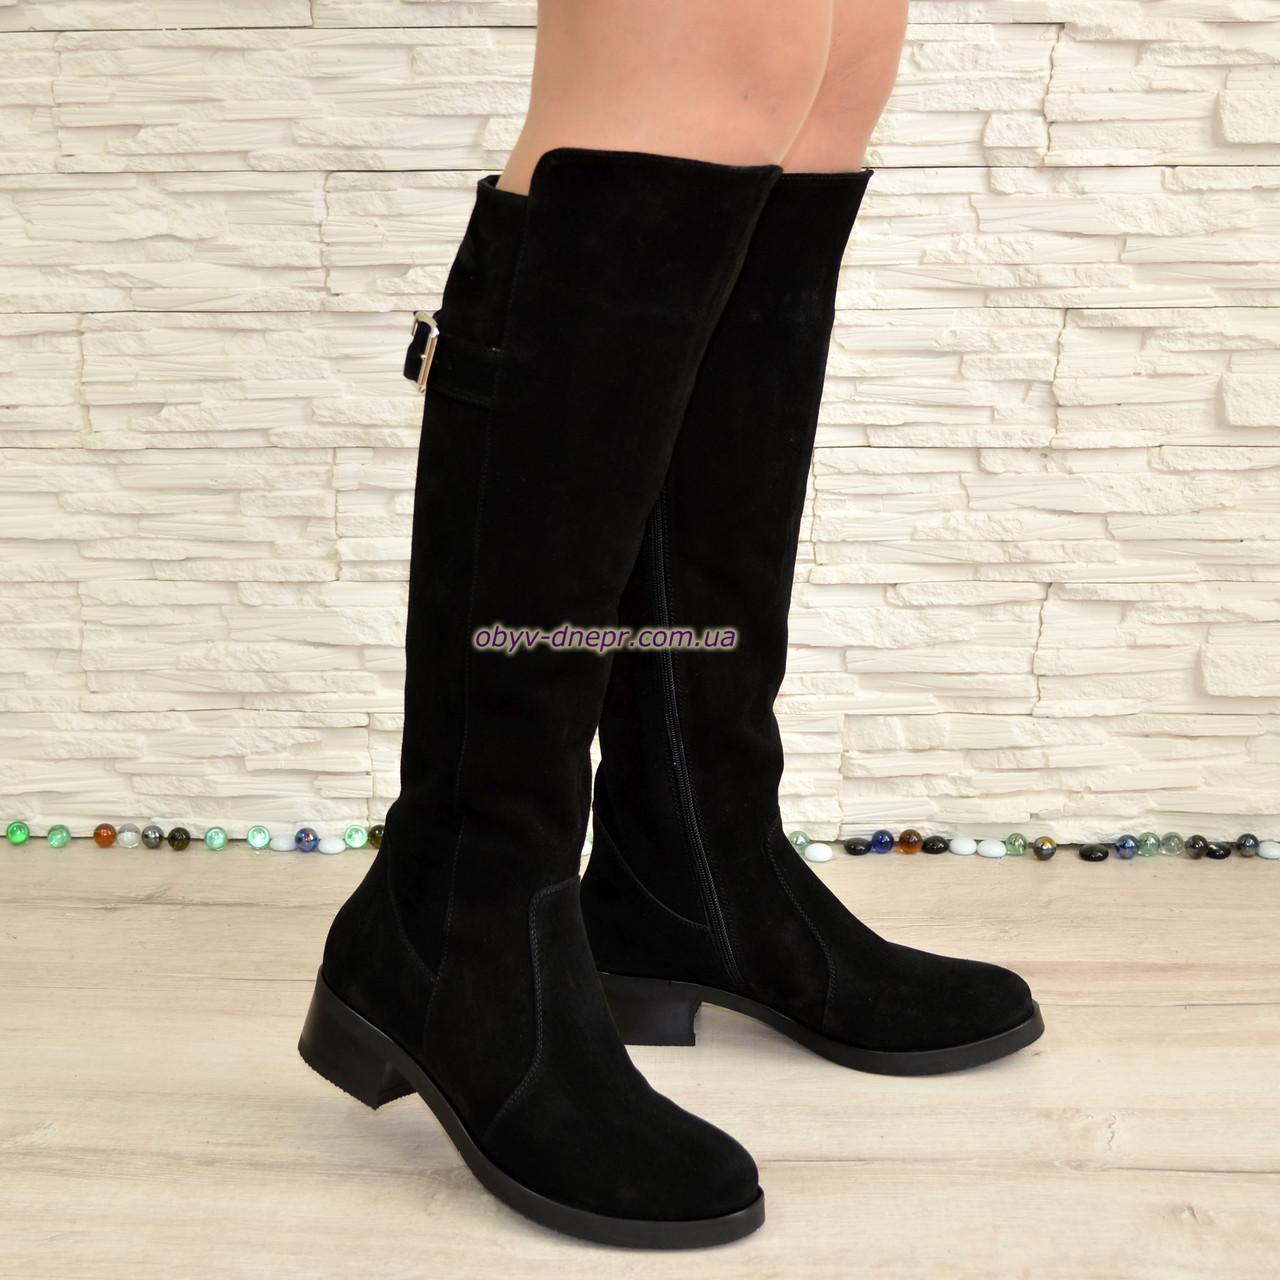 Сапоги черные женские зимние замшевые на невысоком устойчивом каблуке